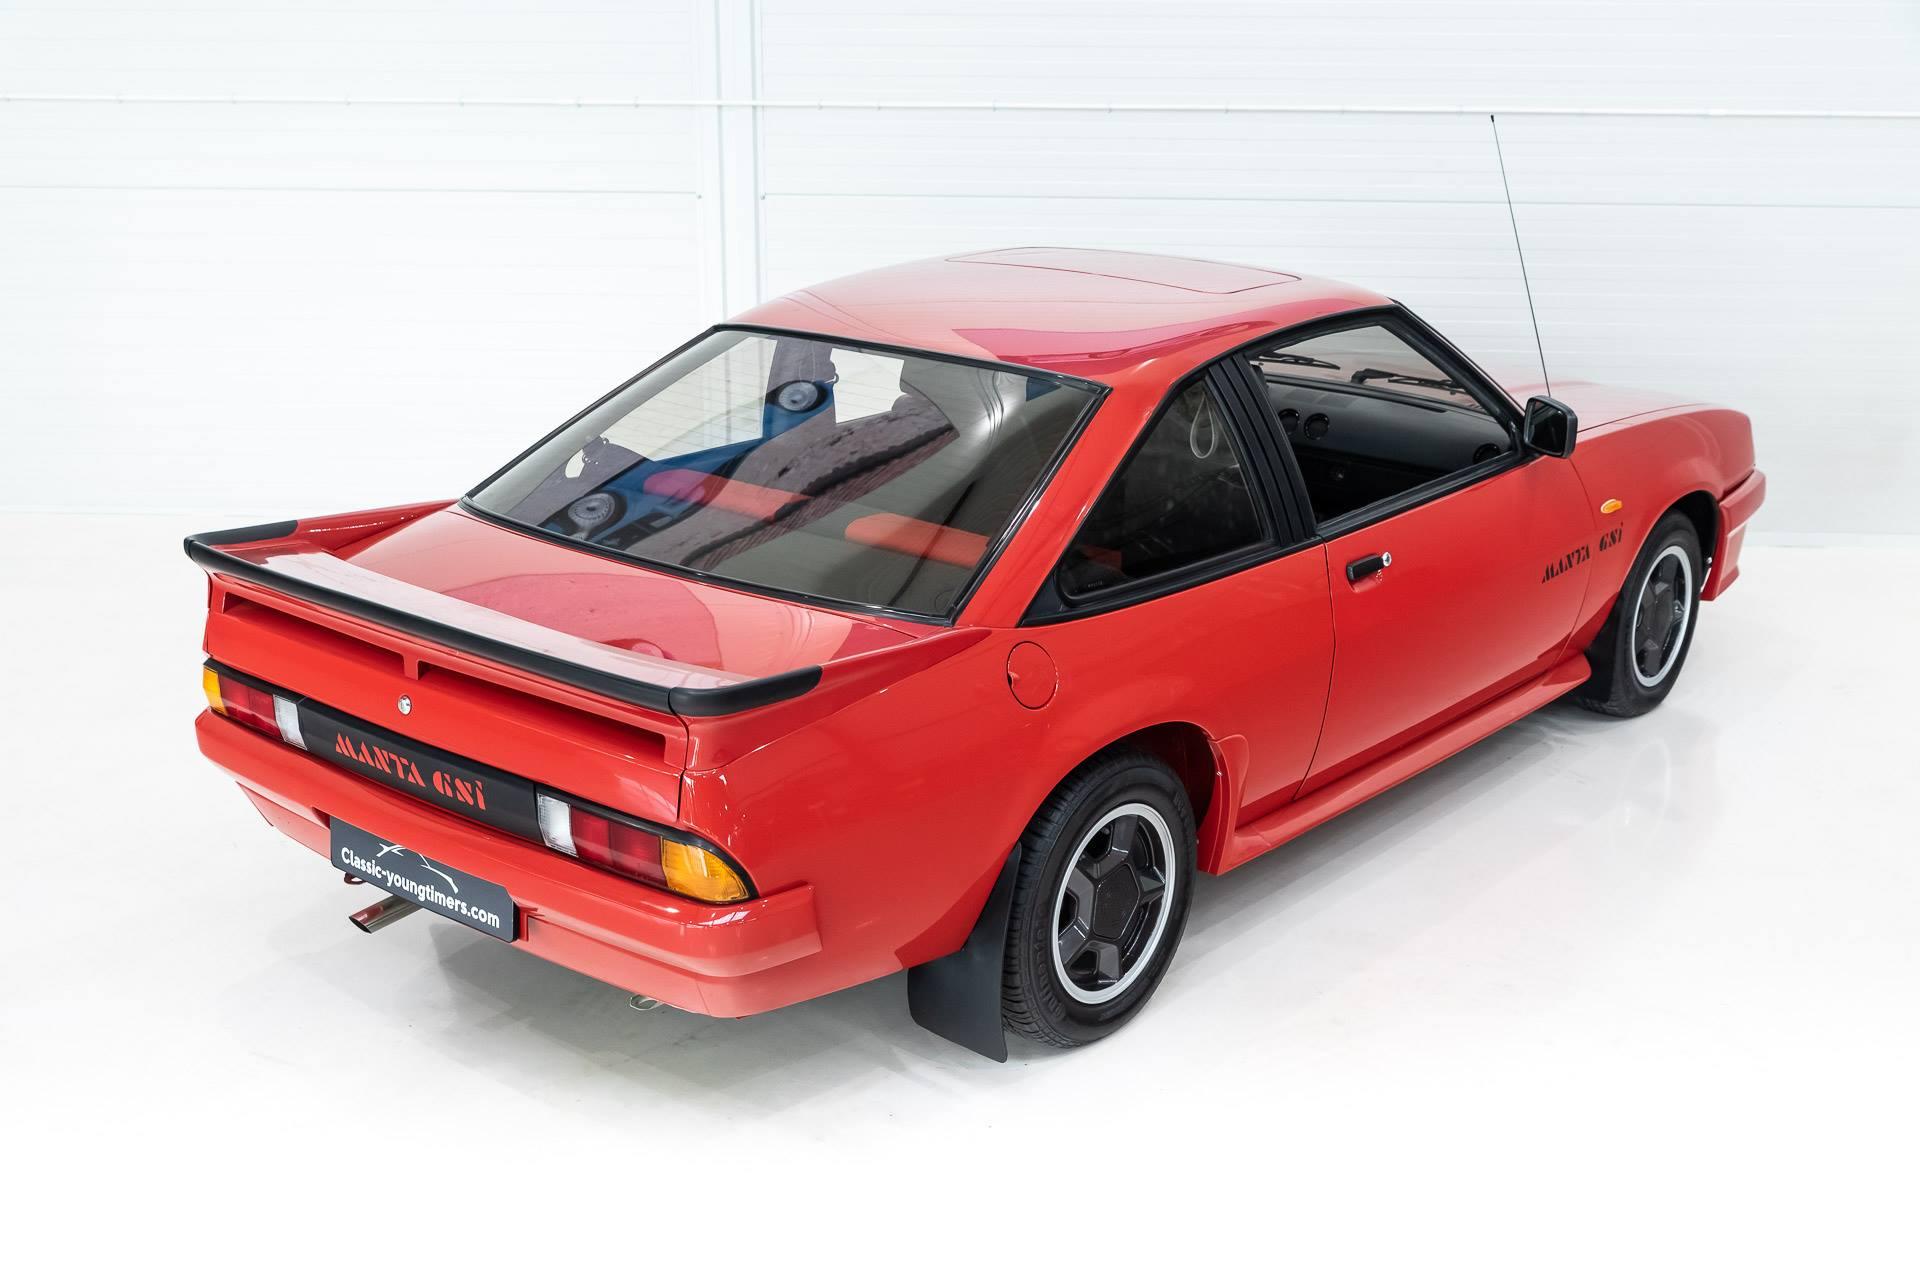 Opel-Manta-B-GSi-1987-2